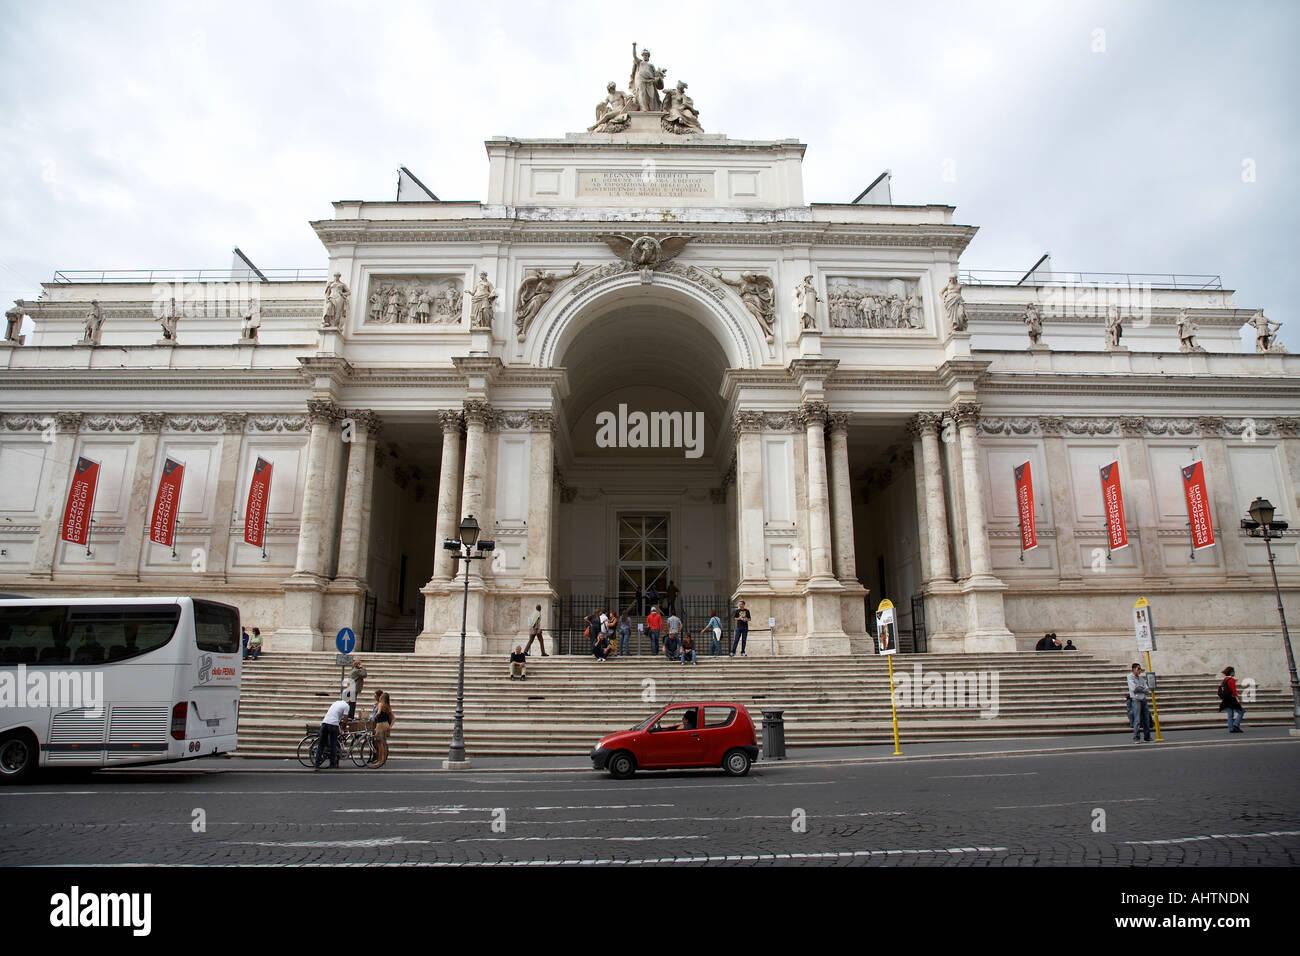 Palazzo delle esposizioni on via nazionale rome lazio for Palazzo delle esposizioni rome italy